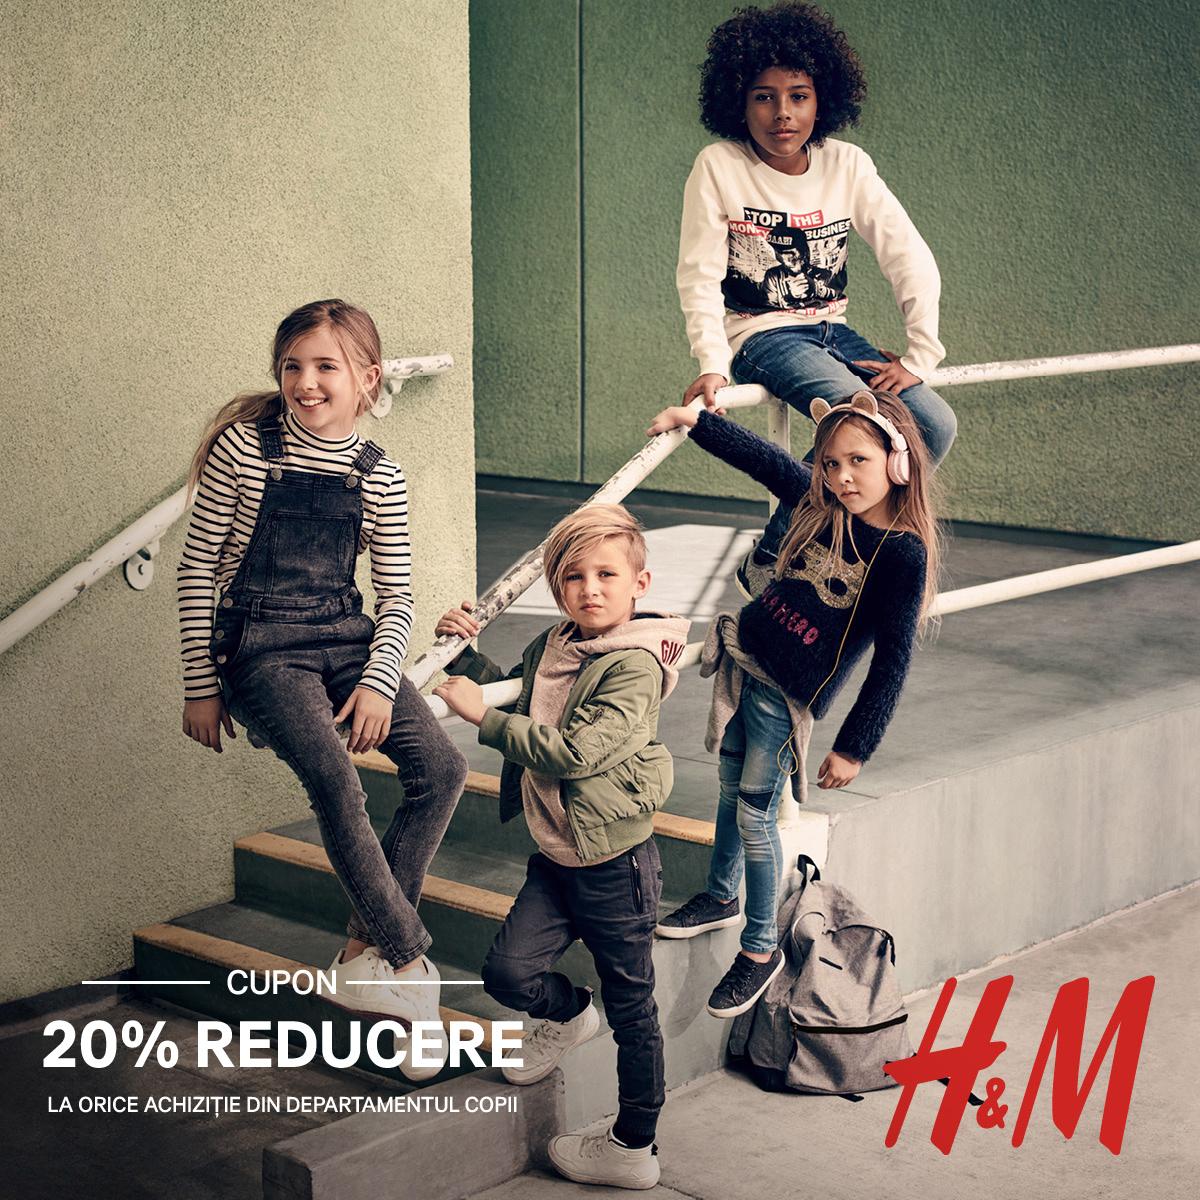 kupon_H&M